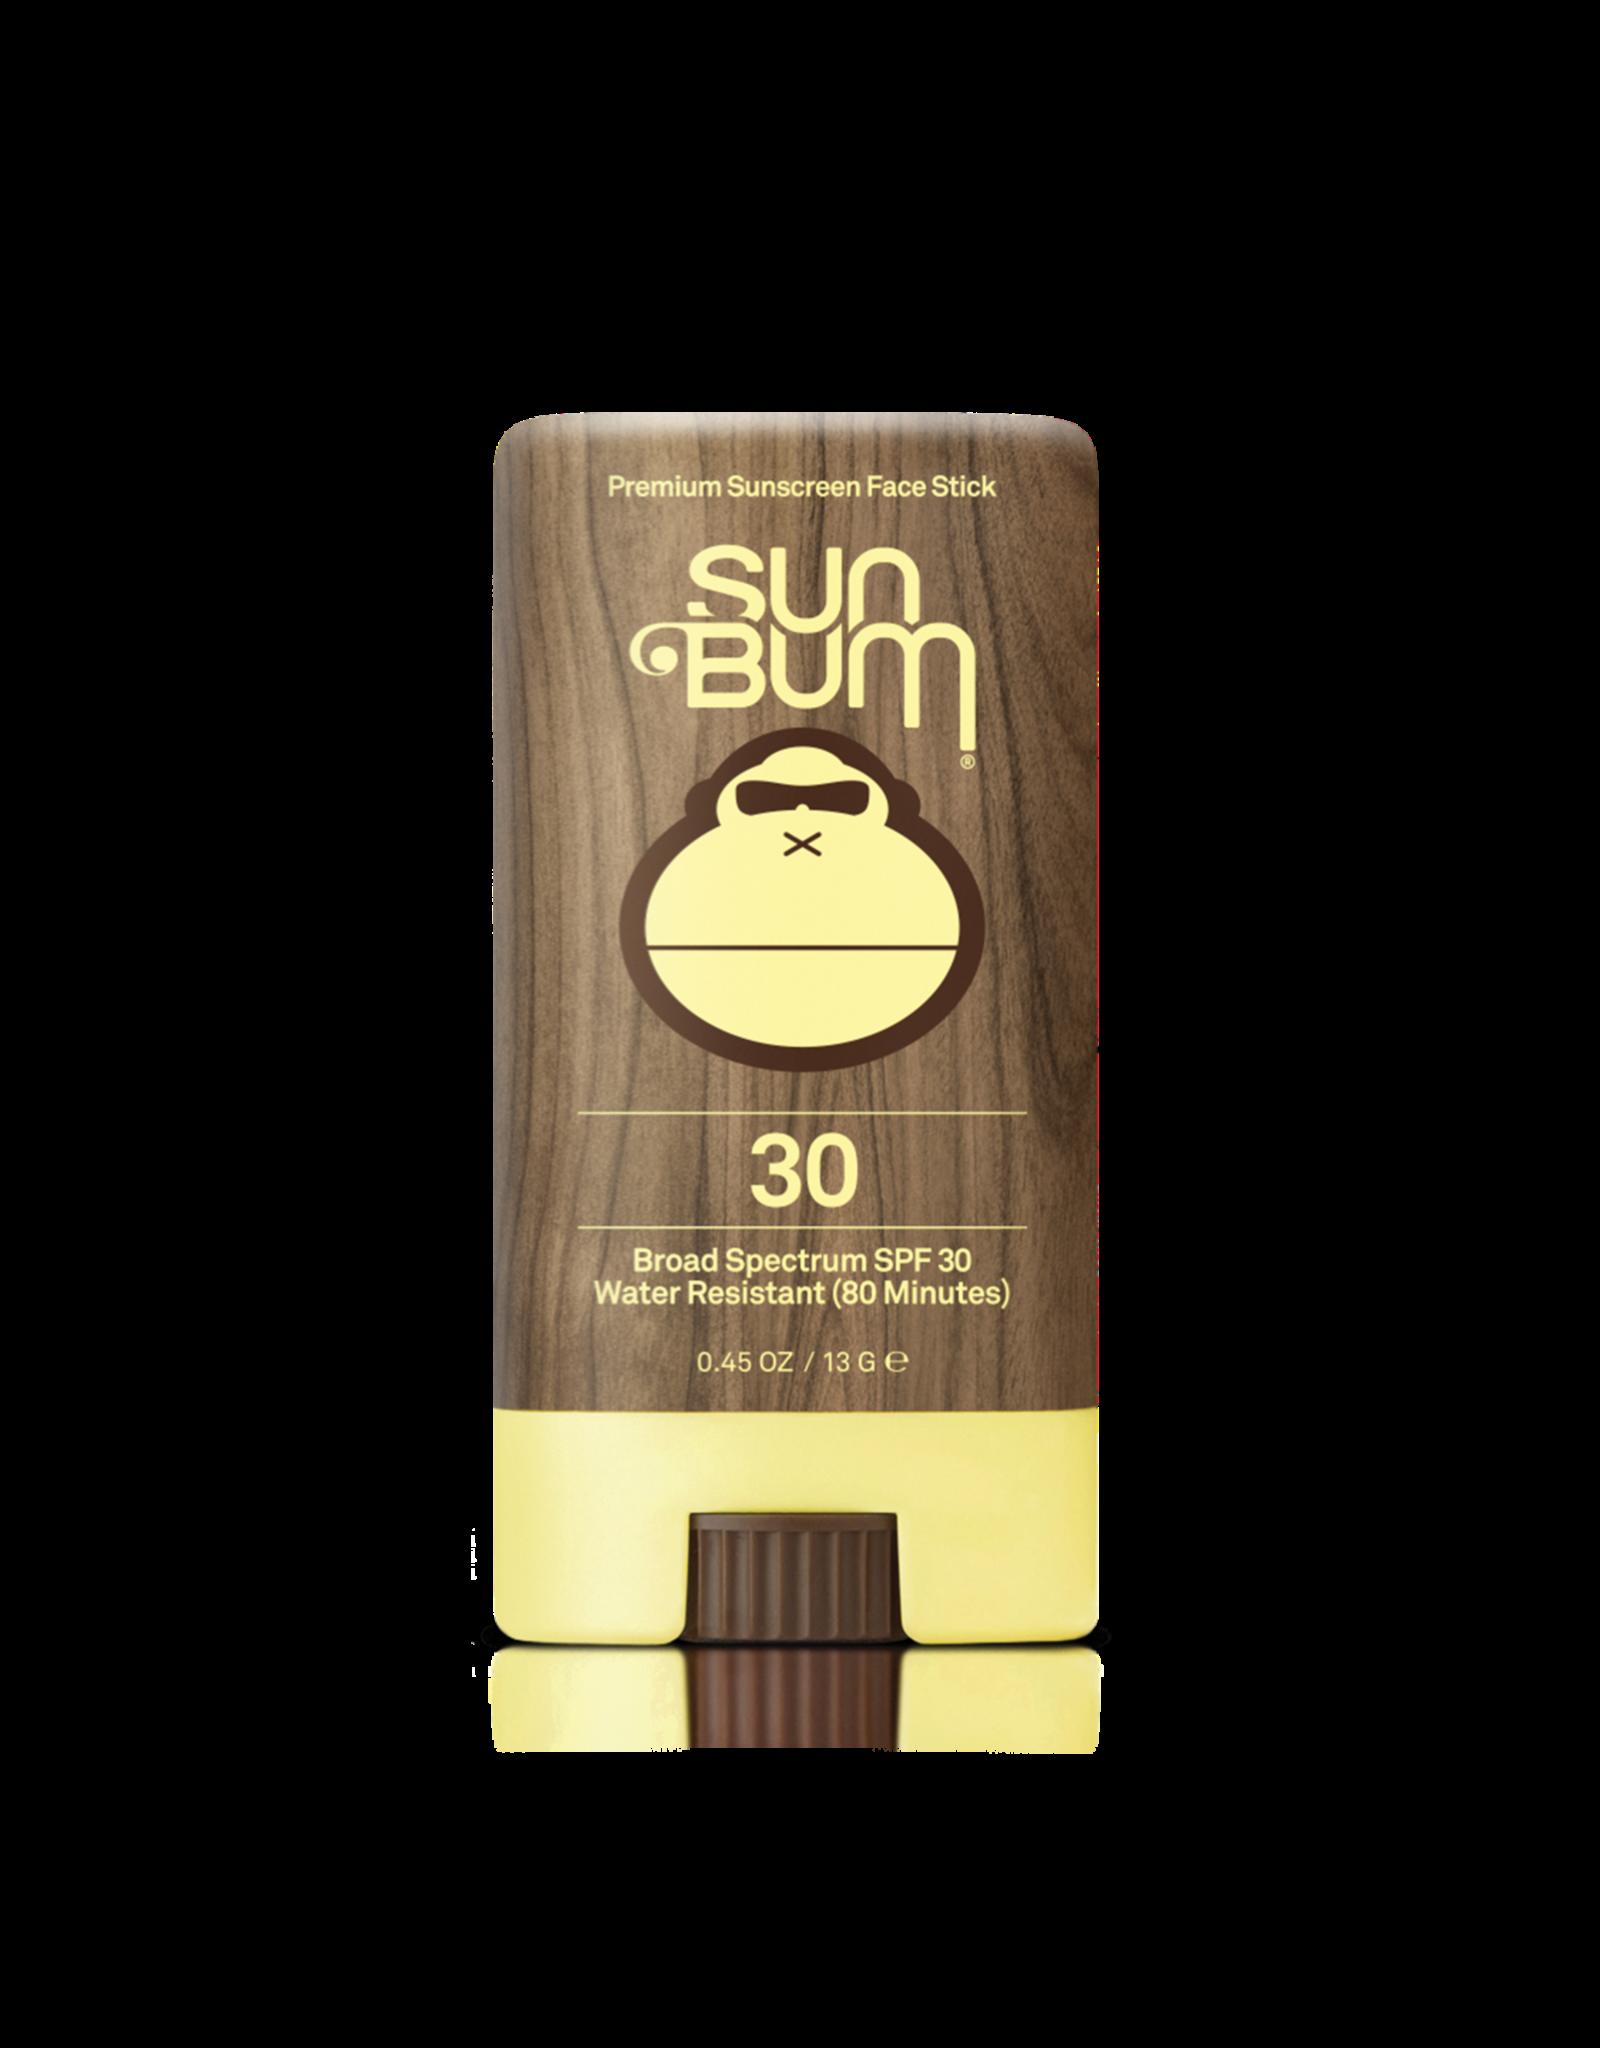 Sun Bum Face Stick 30